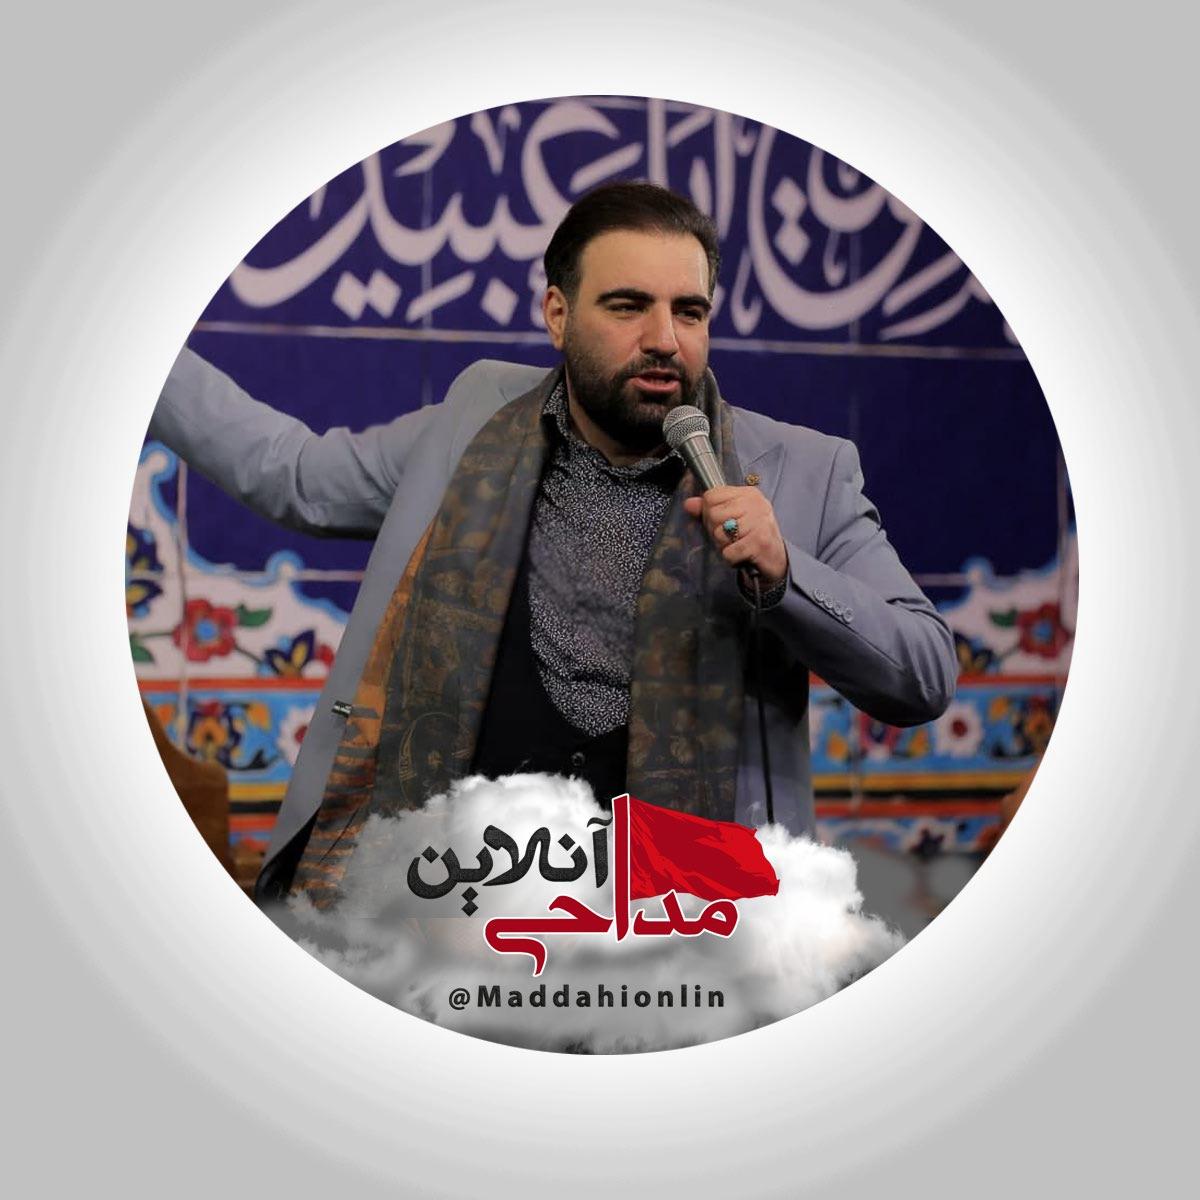 مولودی امیر کرمانشاهی